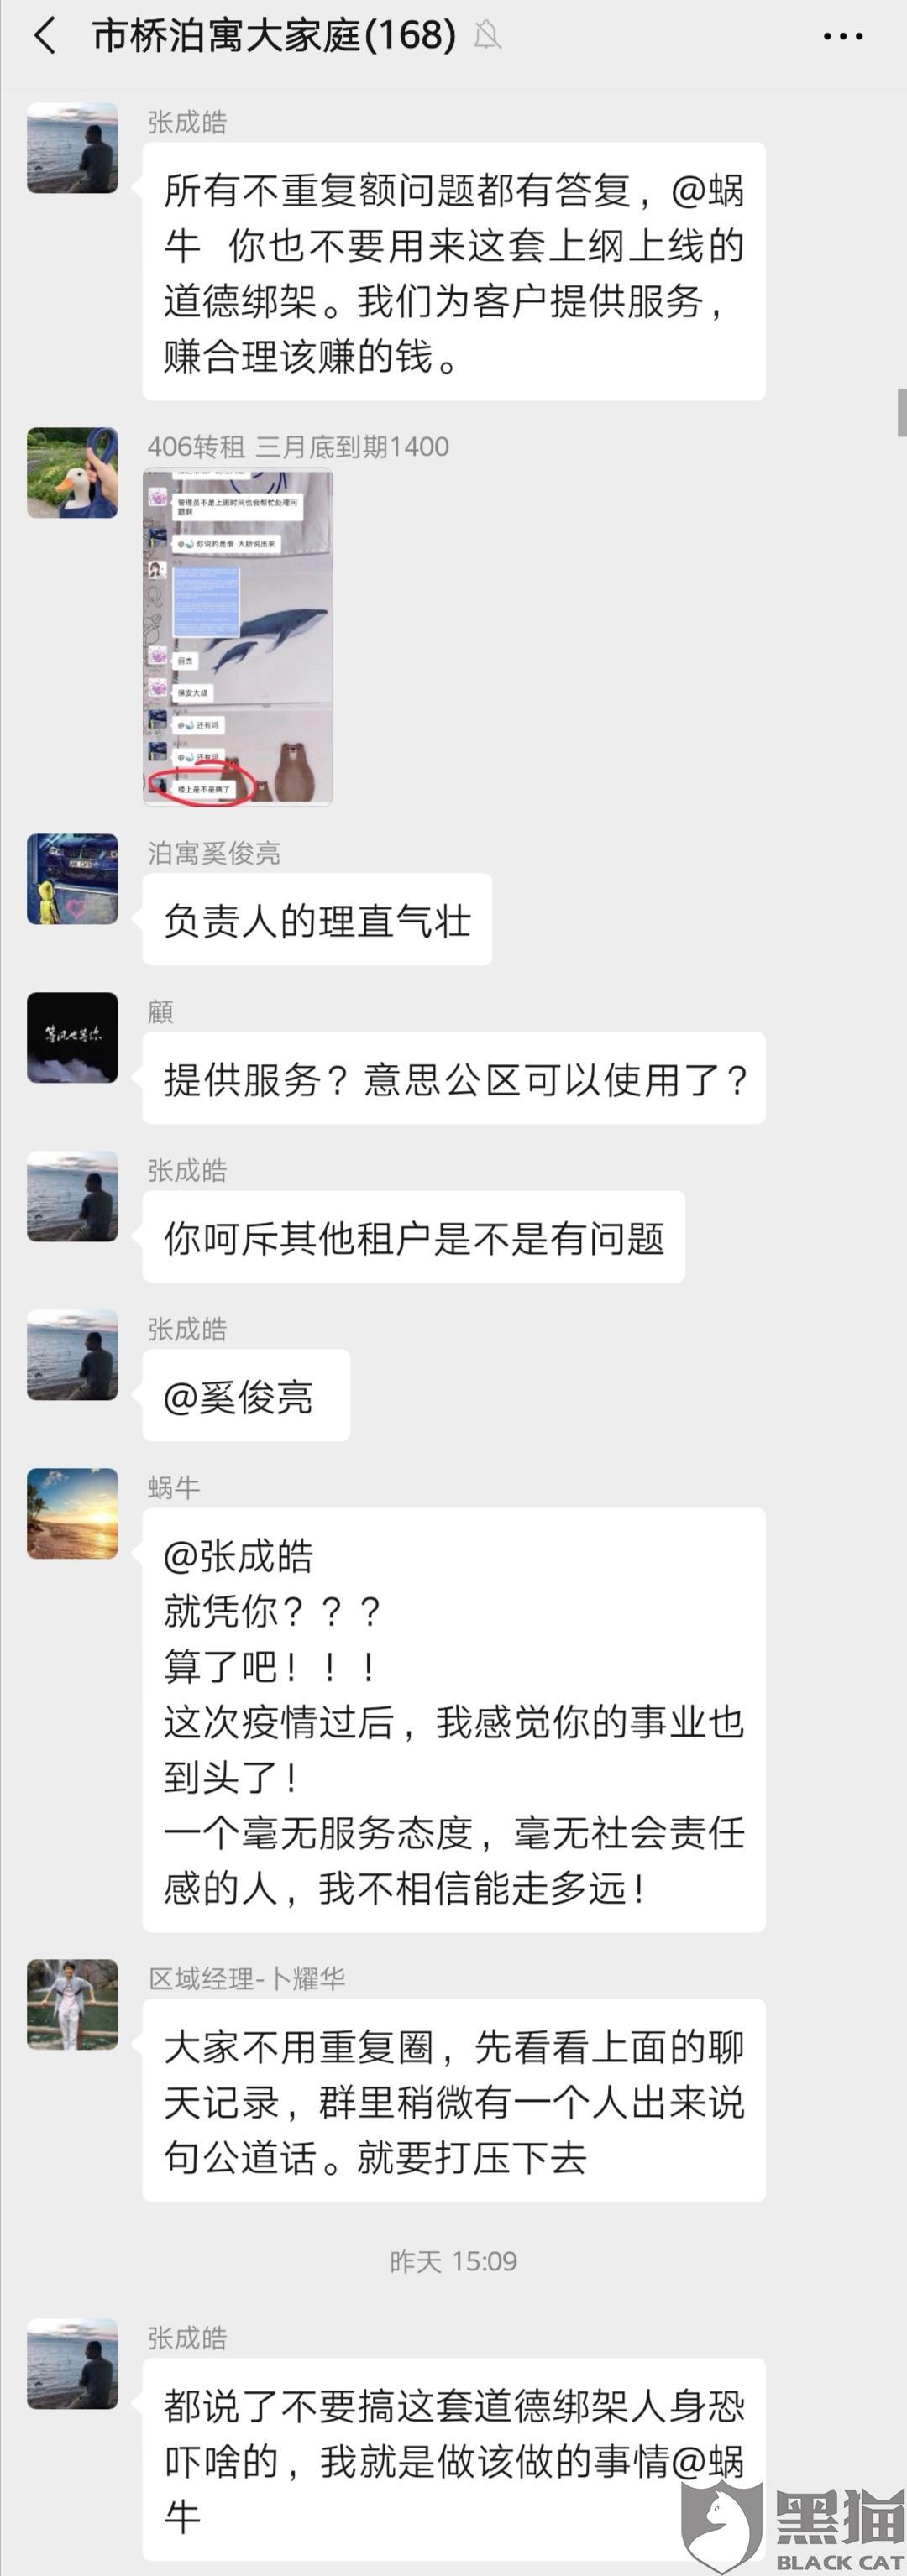 黑猫投诉:广州泊寓张明皓需要为租户道歉